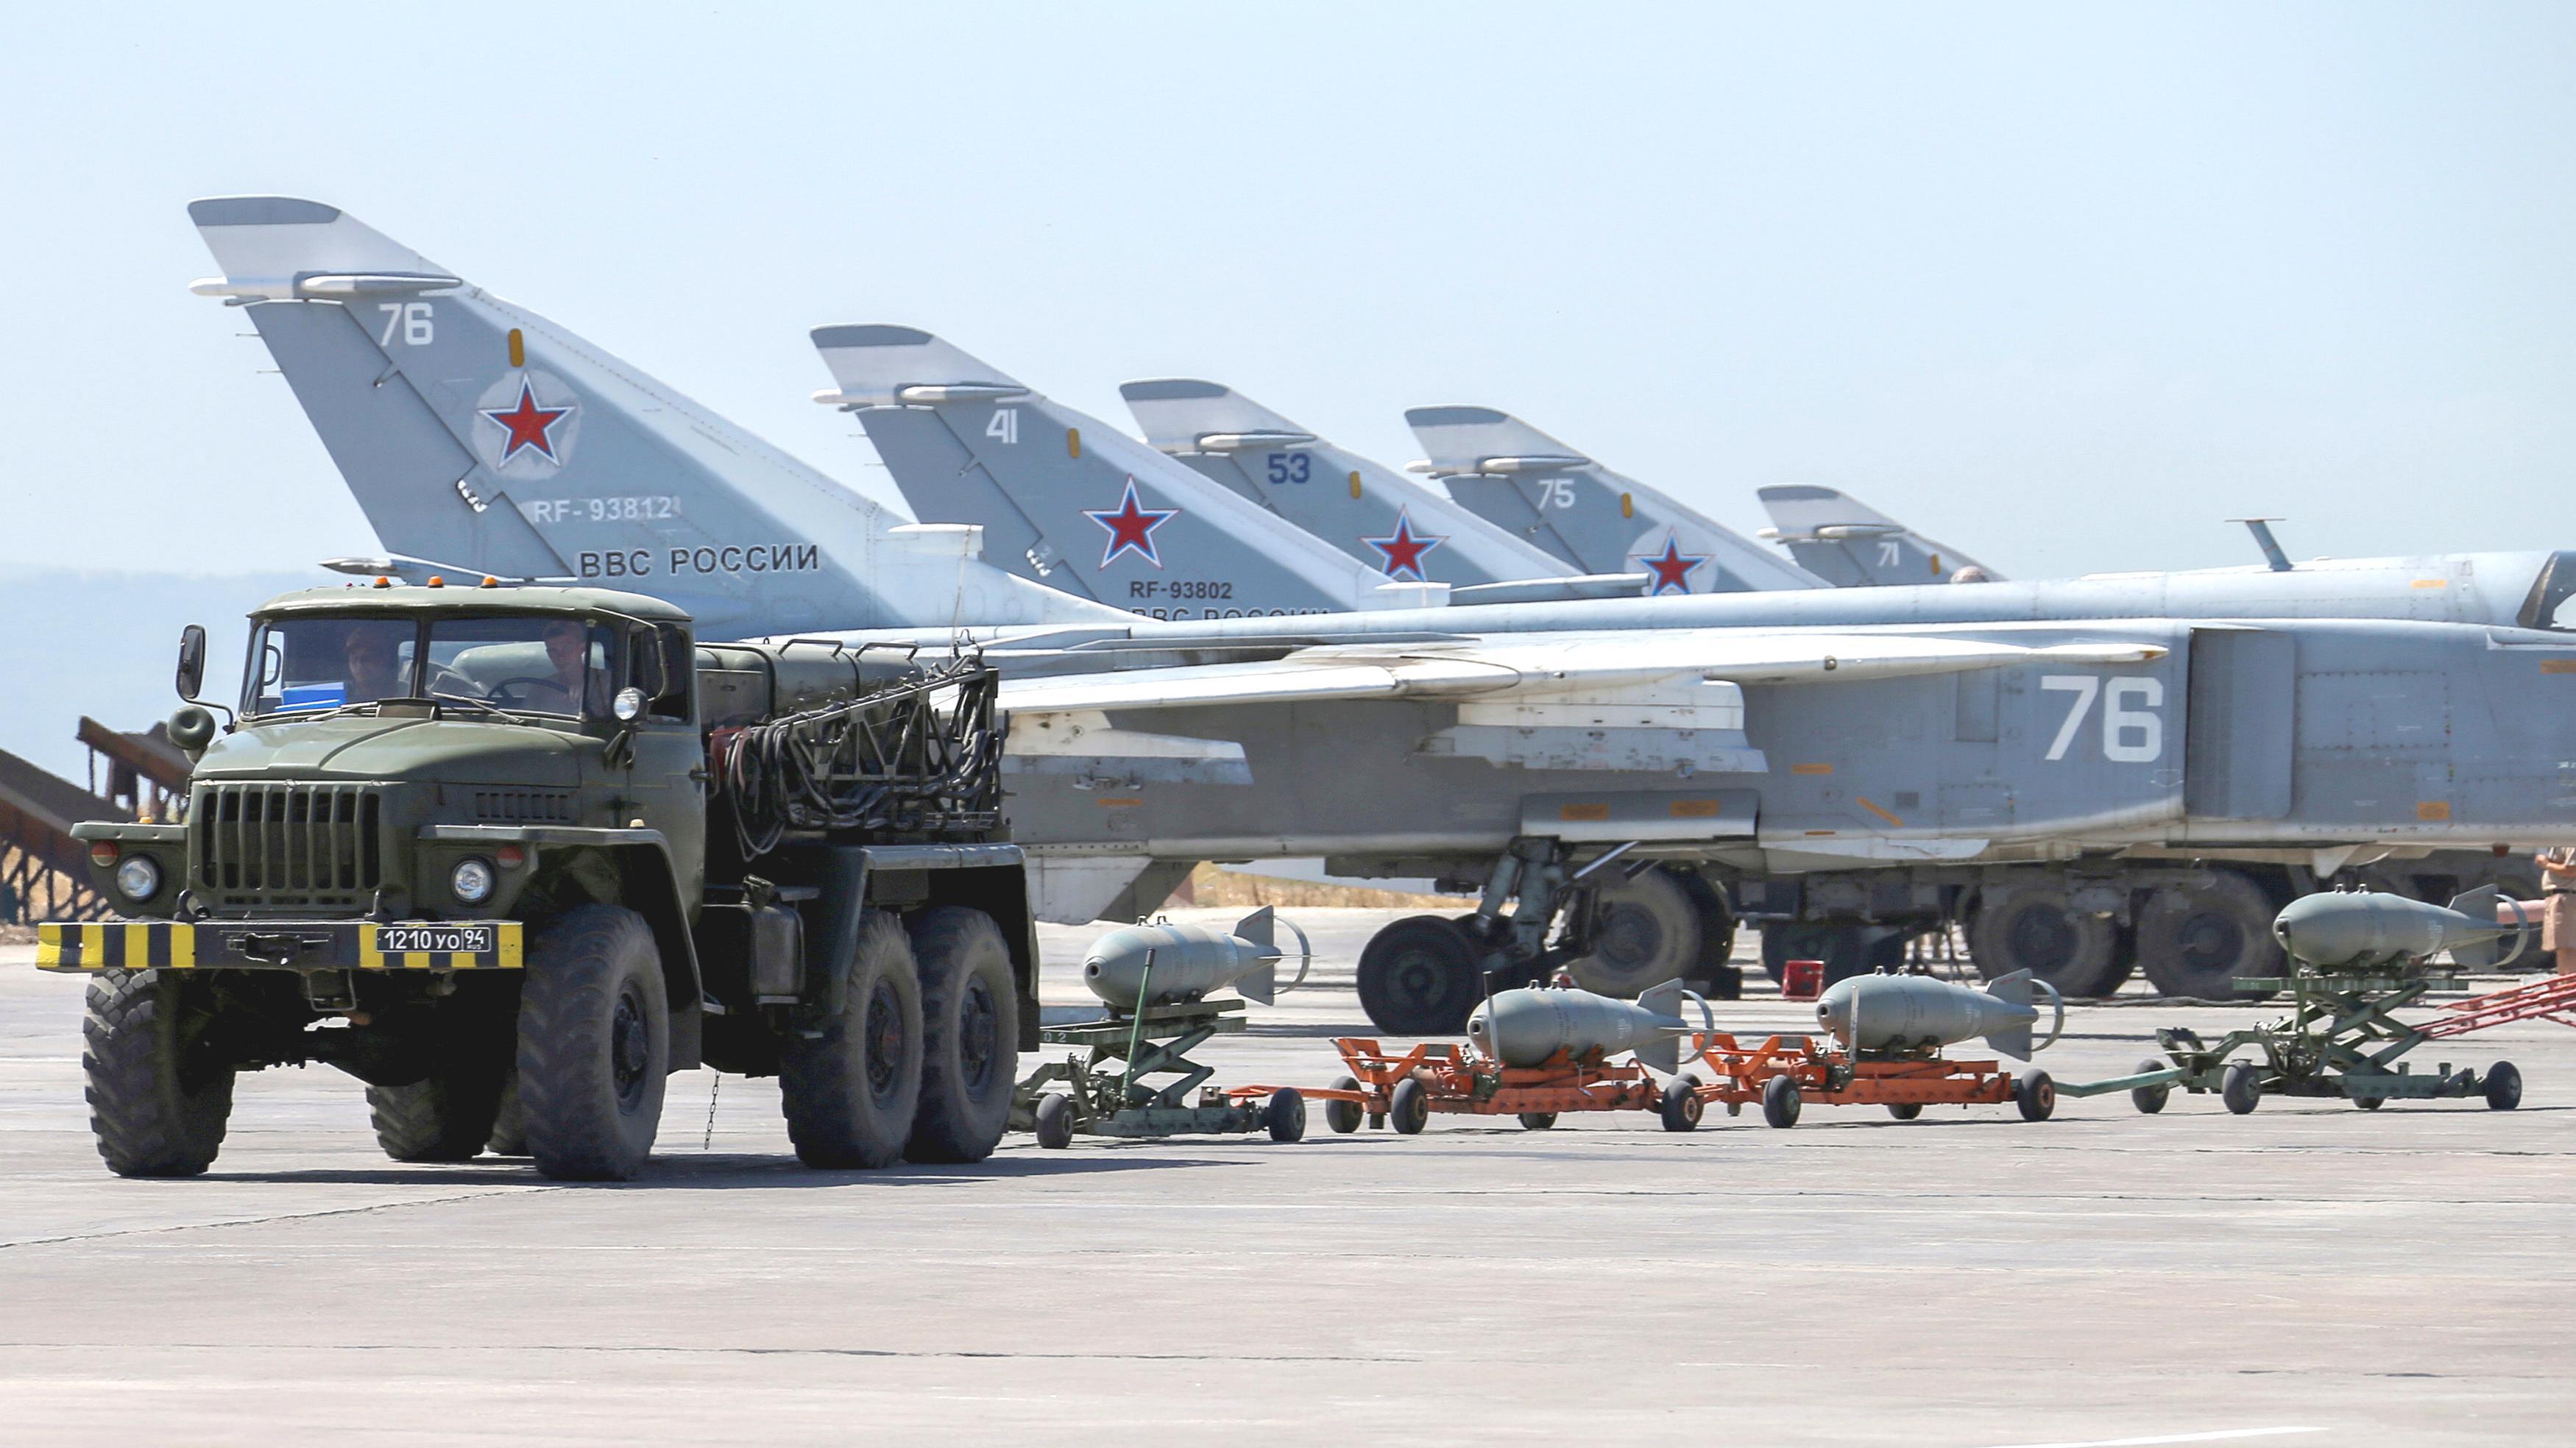 Russisches Militär bombardierte laut Medien westliche Stellungen